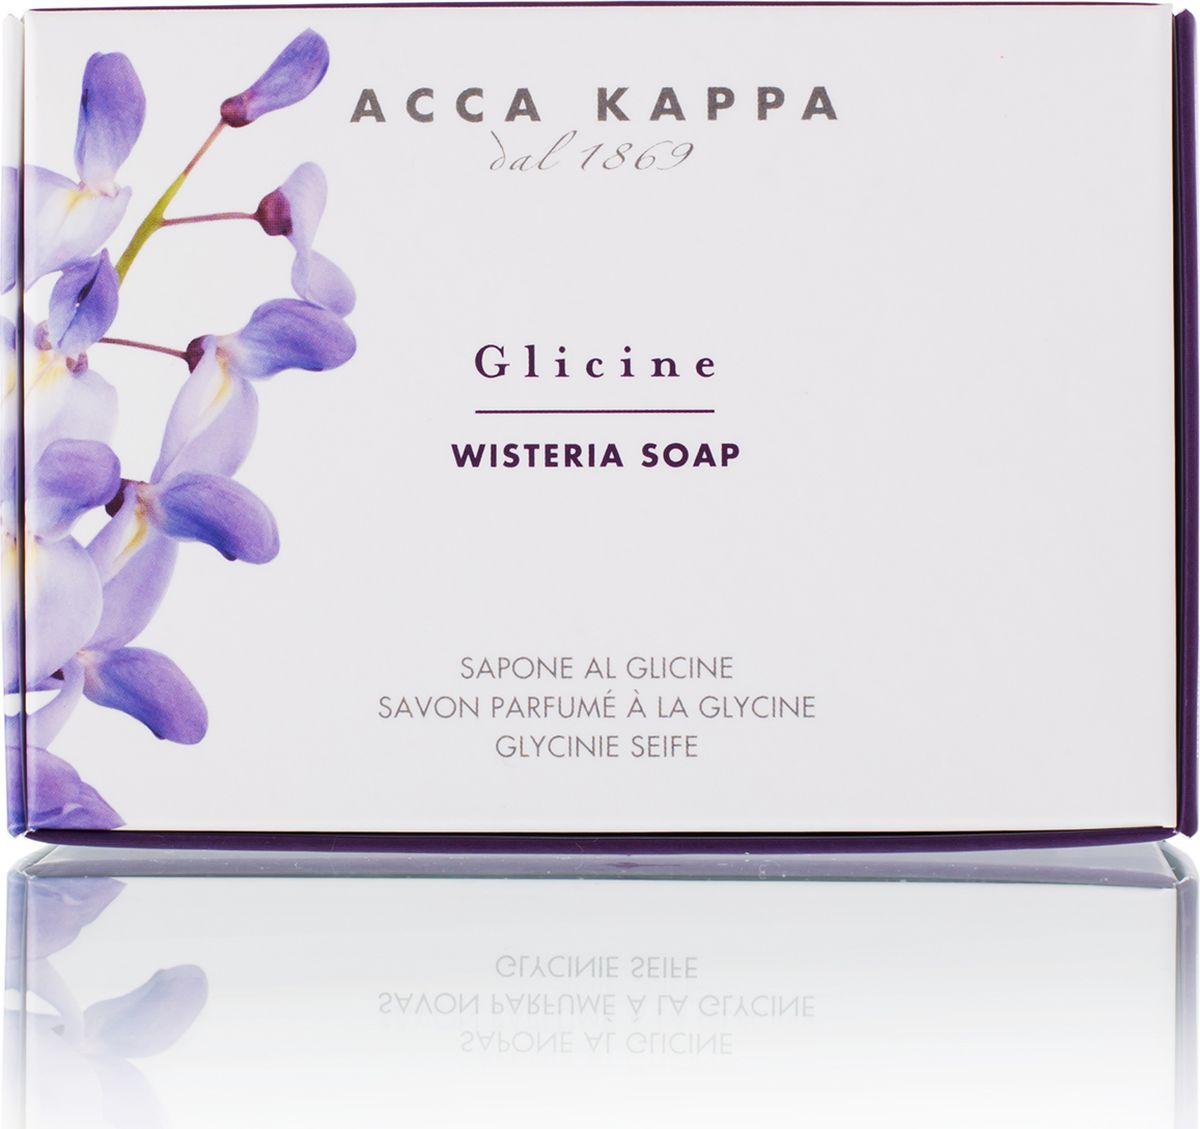 Растительное мыло Acca Kappa Глициния, 150 гSC-FM20101Растительное мыло Глициния деликатно очищает кожу. Идеально подходит для всех типов кожи. Растительные компоненты получены из кокосового масла и сахарного тростника, прекрасно очищают и увлажняют кожу. Экстракты мелиссы лимонной, омелы, ромашки, тысячелистника и хмеля известны своими противовоспалительными свойствами и превосходно дополняют формулу. Так же мыло обогащено аллантоином растительного происхождения, которое обладает заживляющими свойствами и способствует регенерации клеток. Характеристики:Вес: 150 г. Производитель: Италия. Товар сертифицирован.